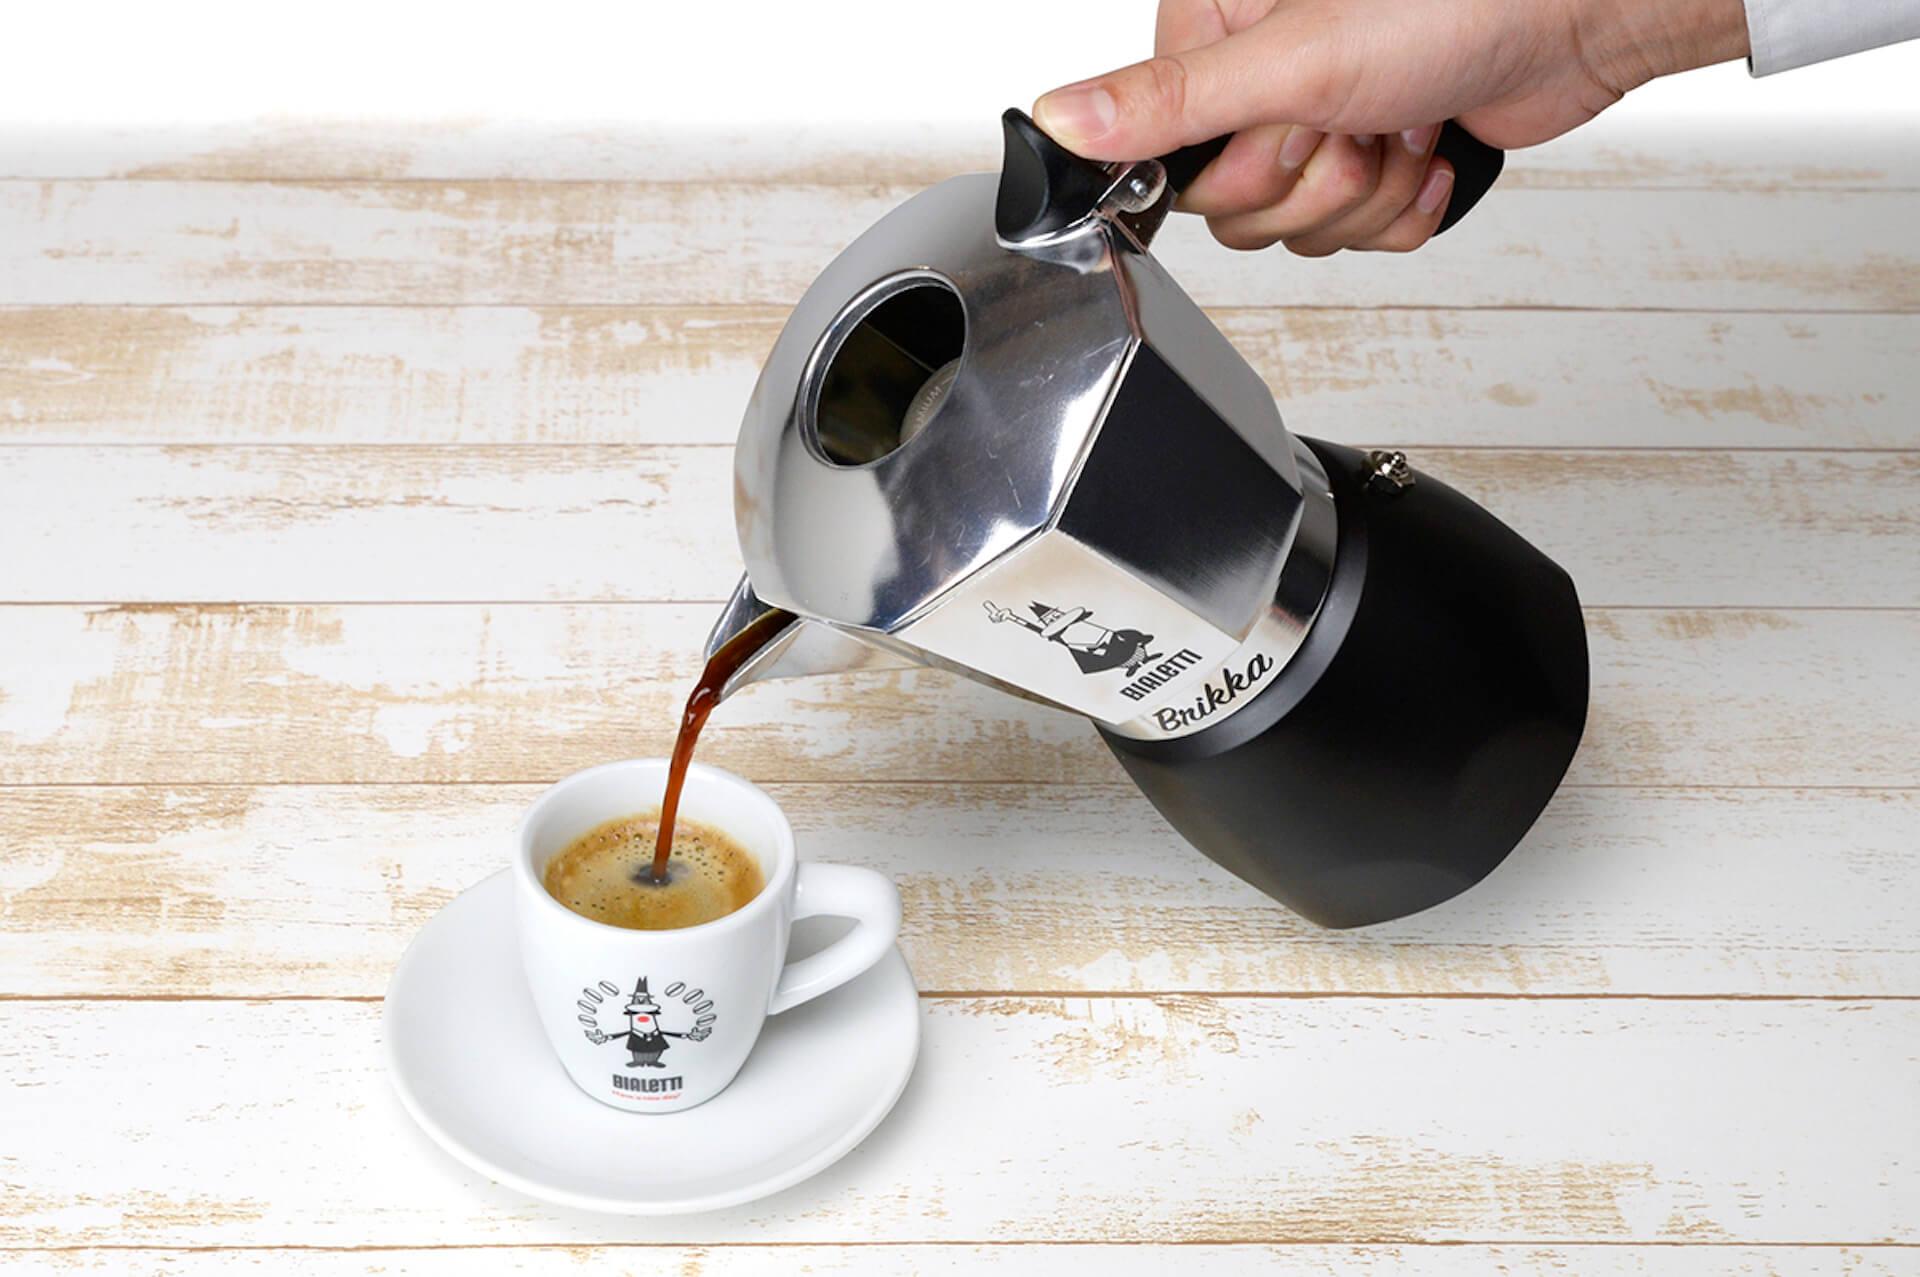 【2021年・コーヒーギア特集】アウトドア&自宅で極上のコーヒータイムを!機能的ギア&厳選コーヒー豆特集 gourmet210303_jeep_coffee_7_2